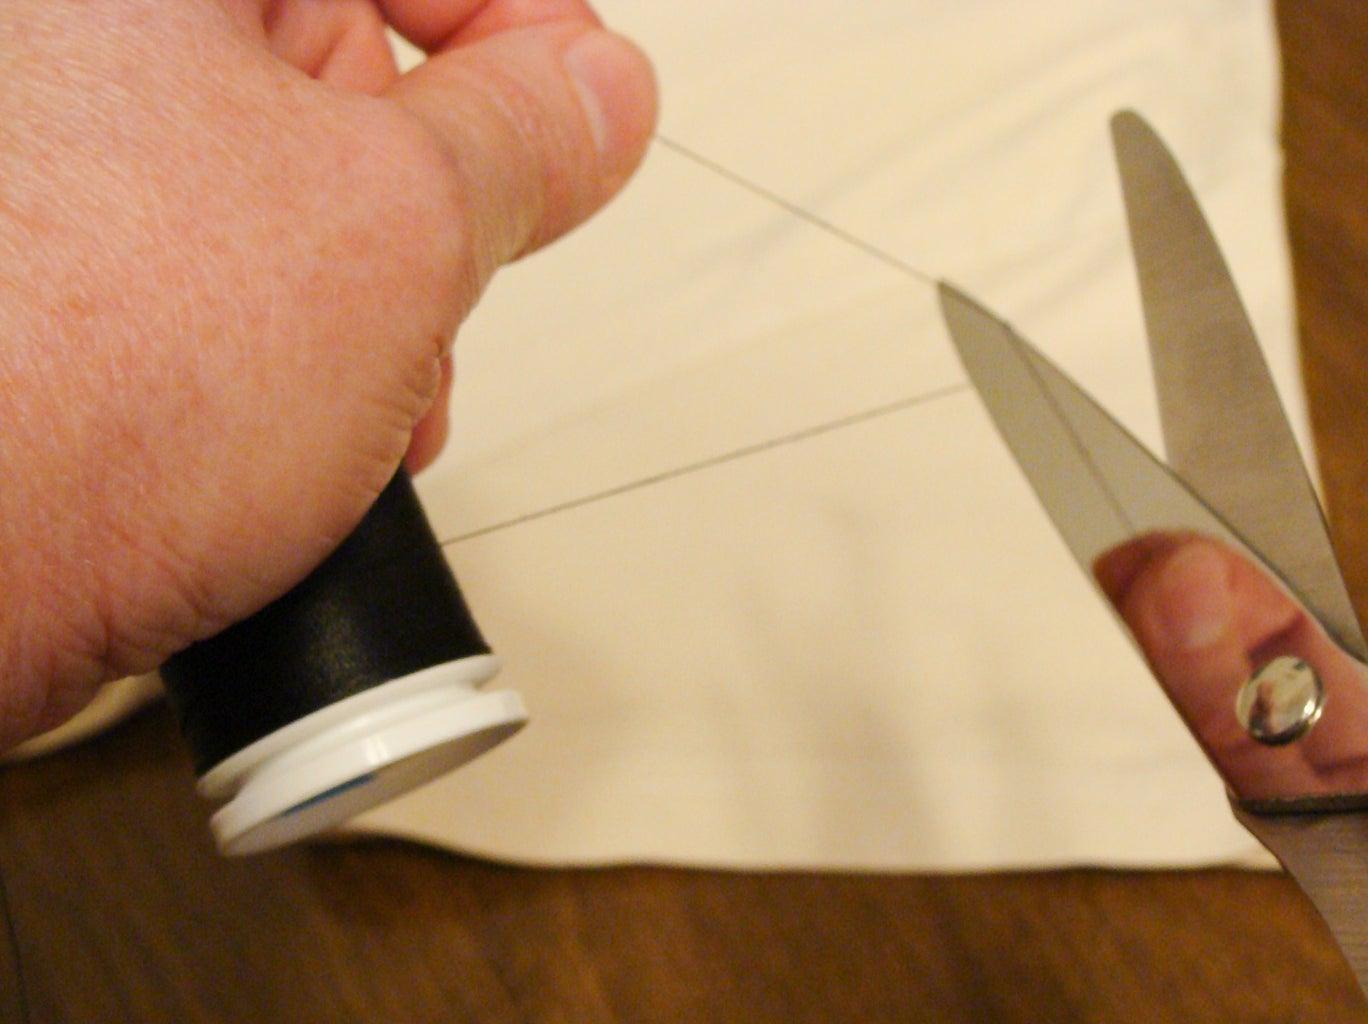 Cut a Length of Thread